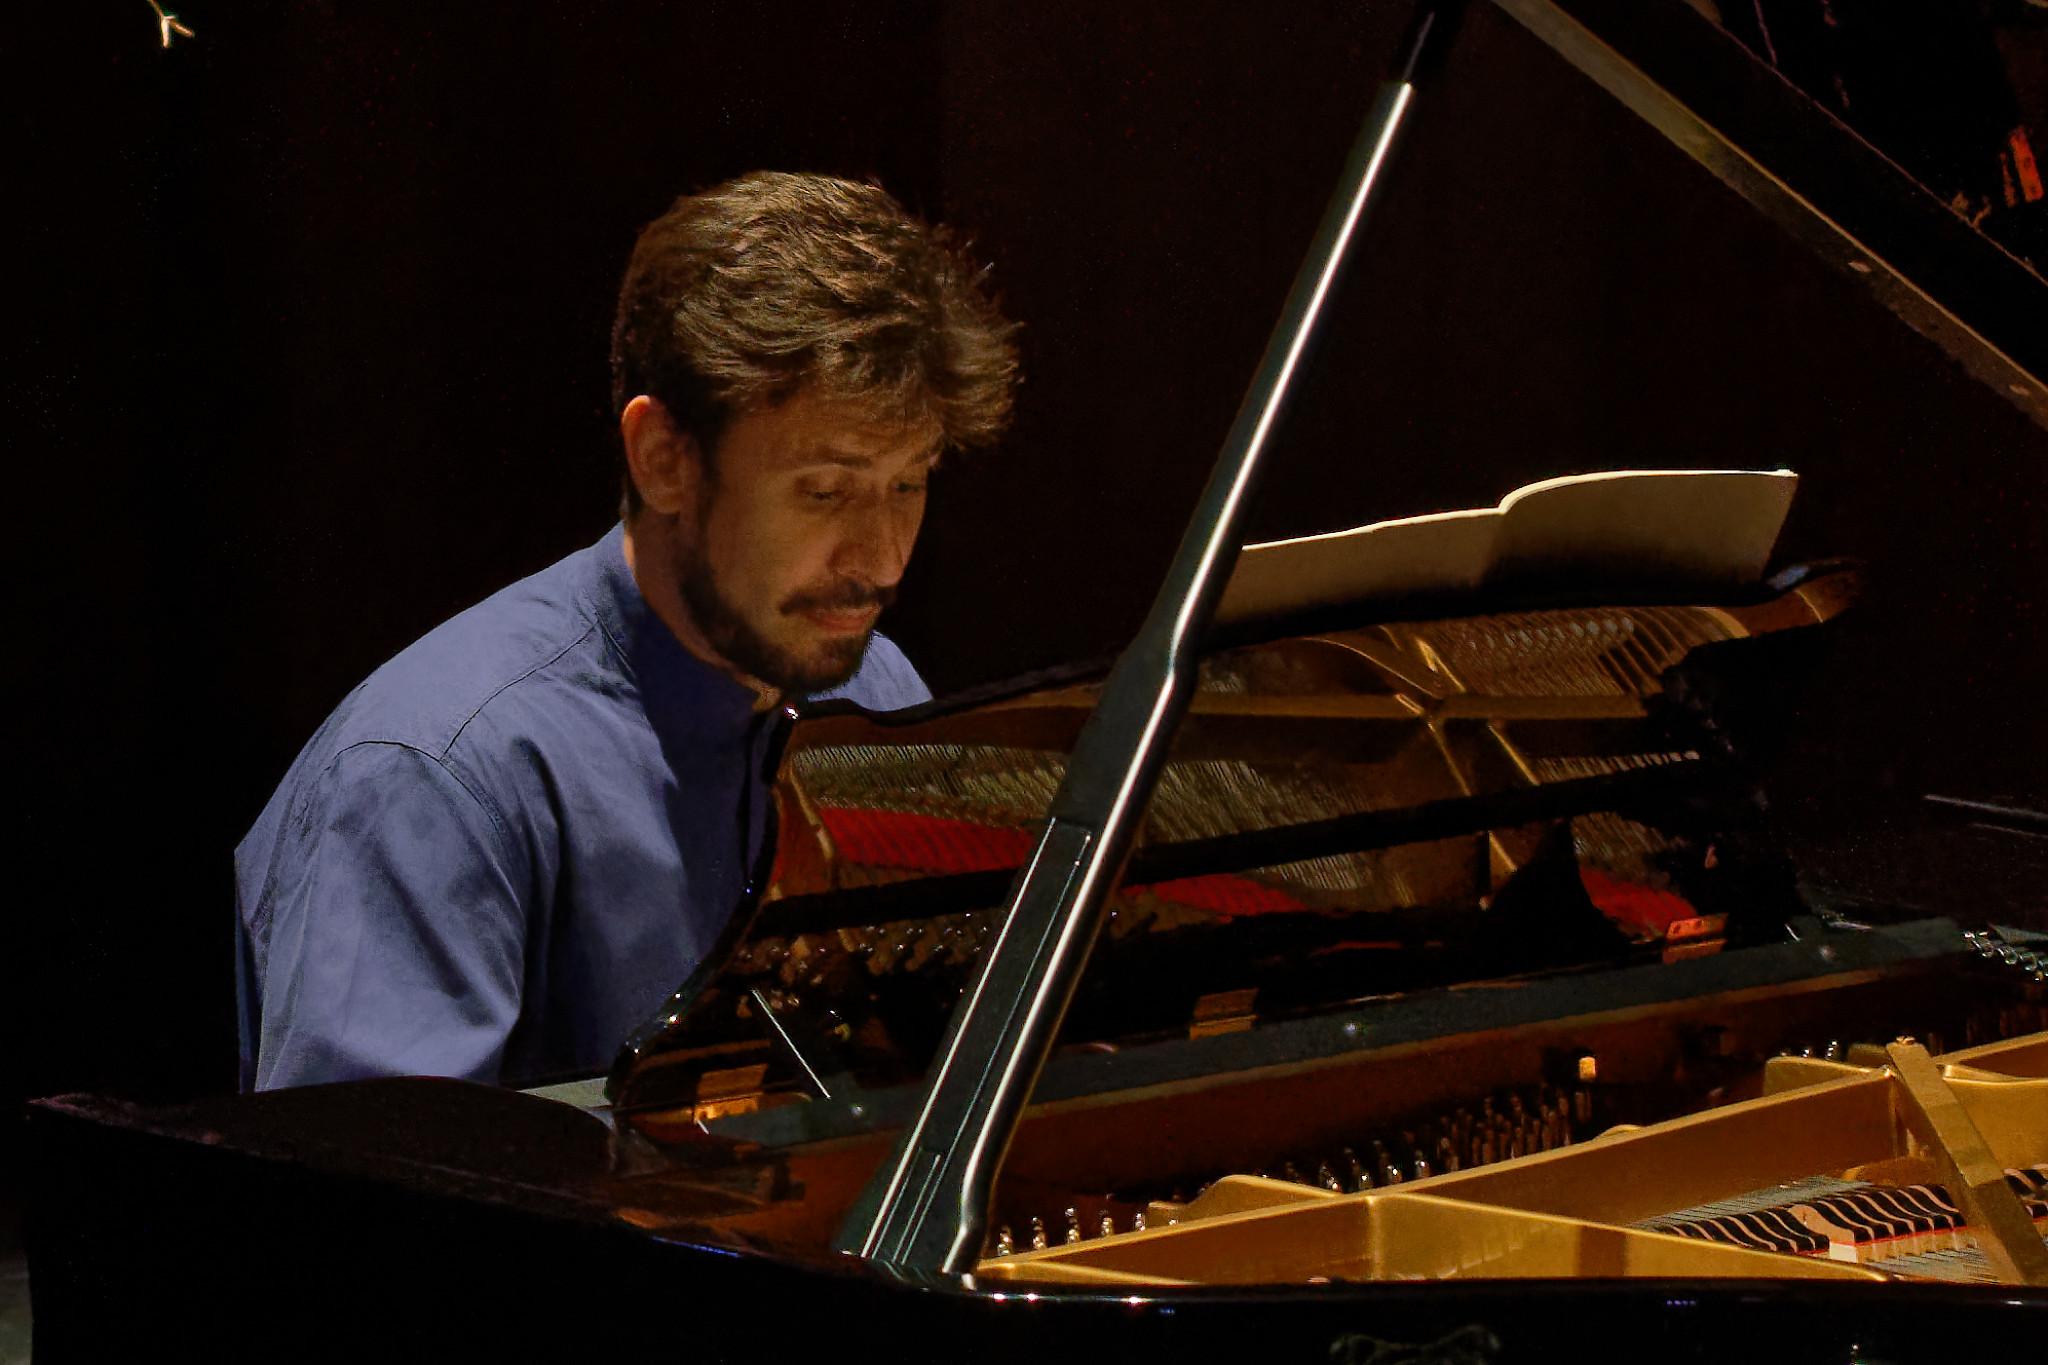 Cristian Budu @ Klavierissimo Festival, Wetzikon ZH, 2020-01-30 (© Rolf Kyburz)